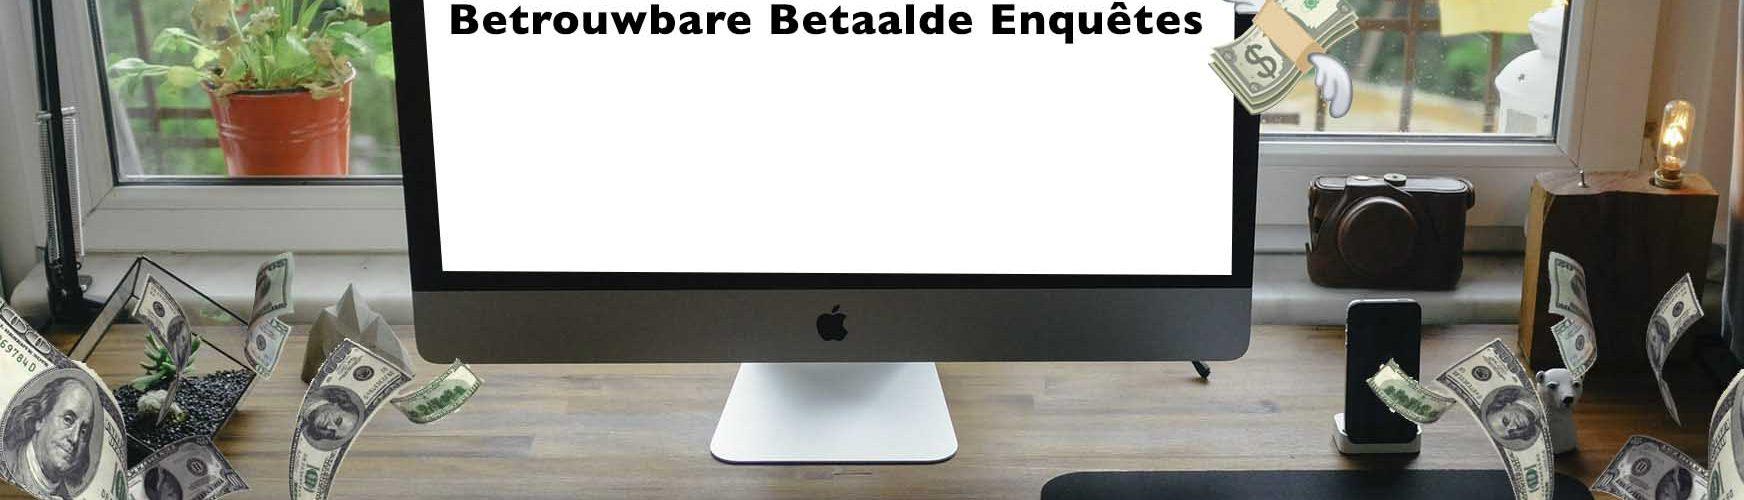 betrouwbare-online-enquetes